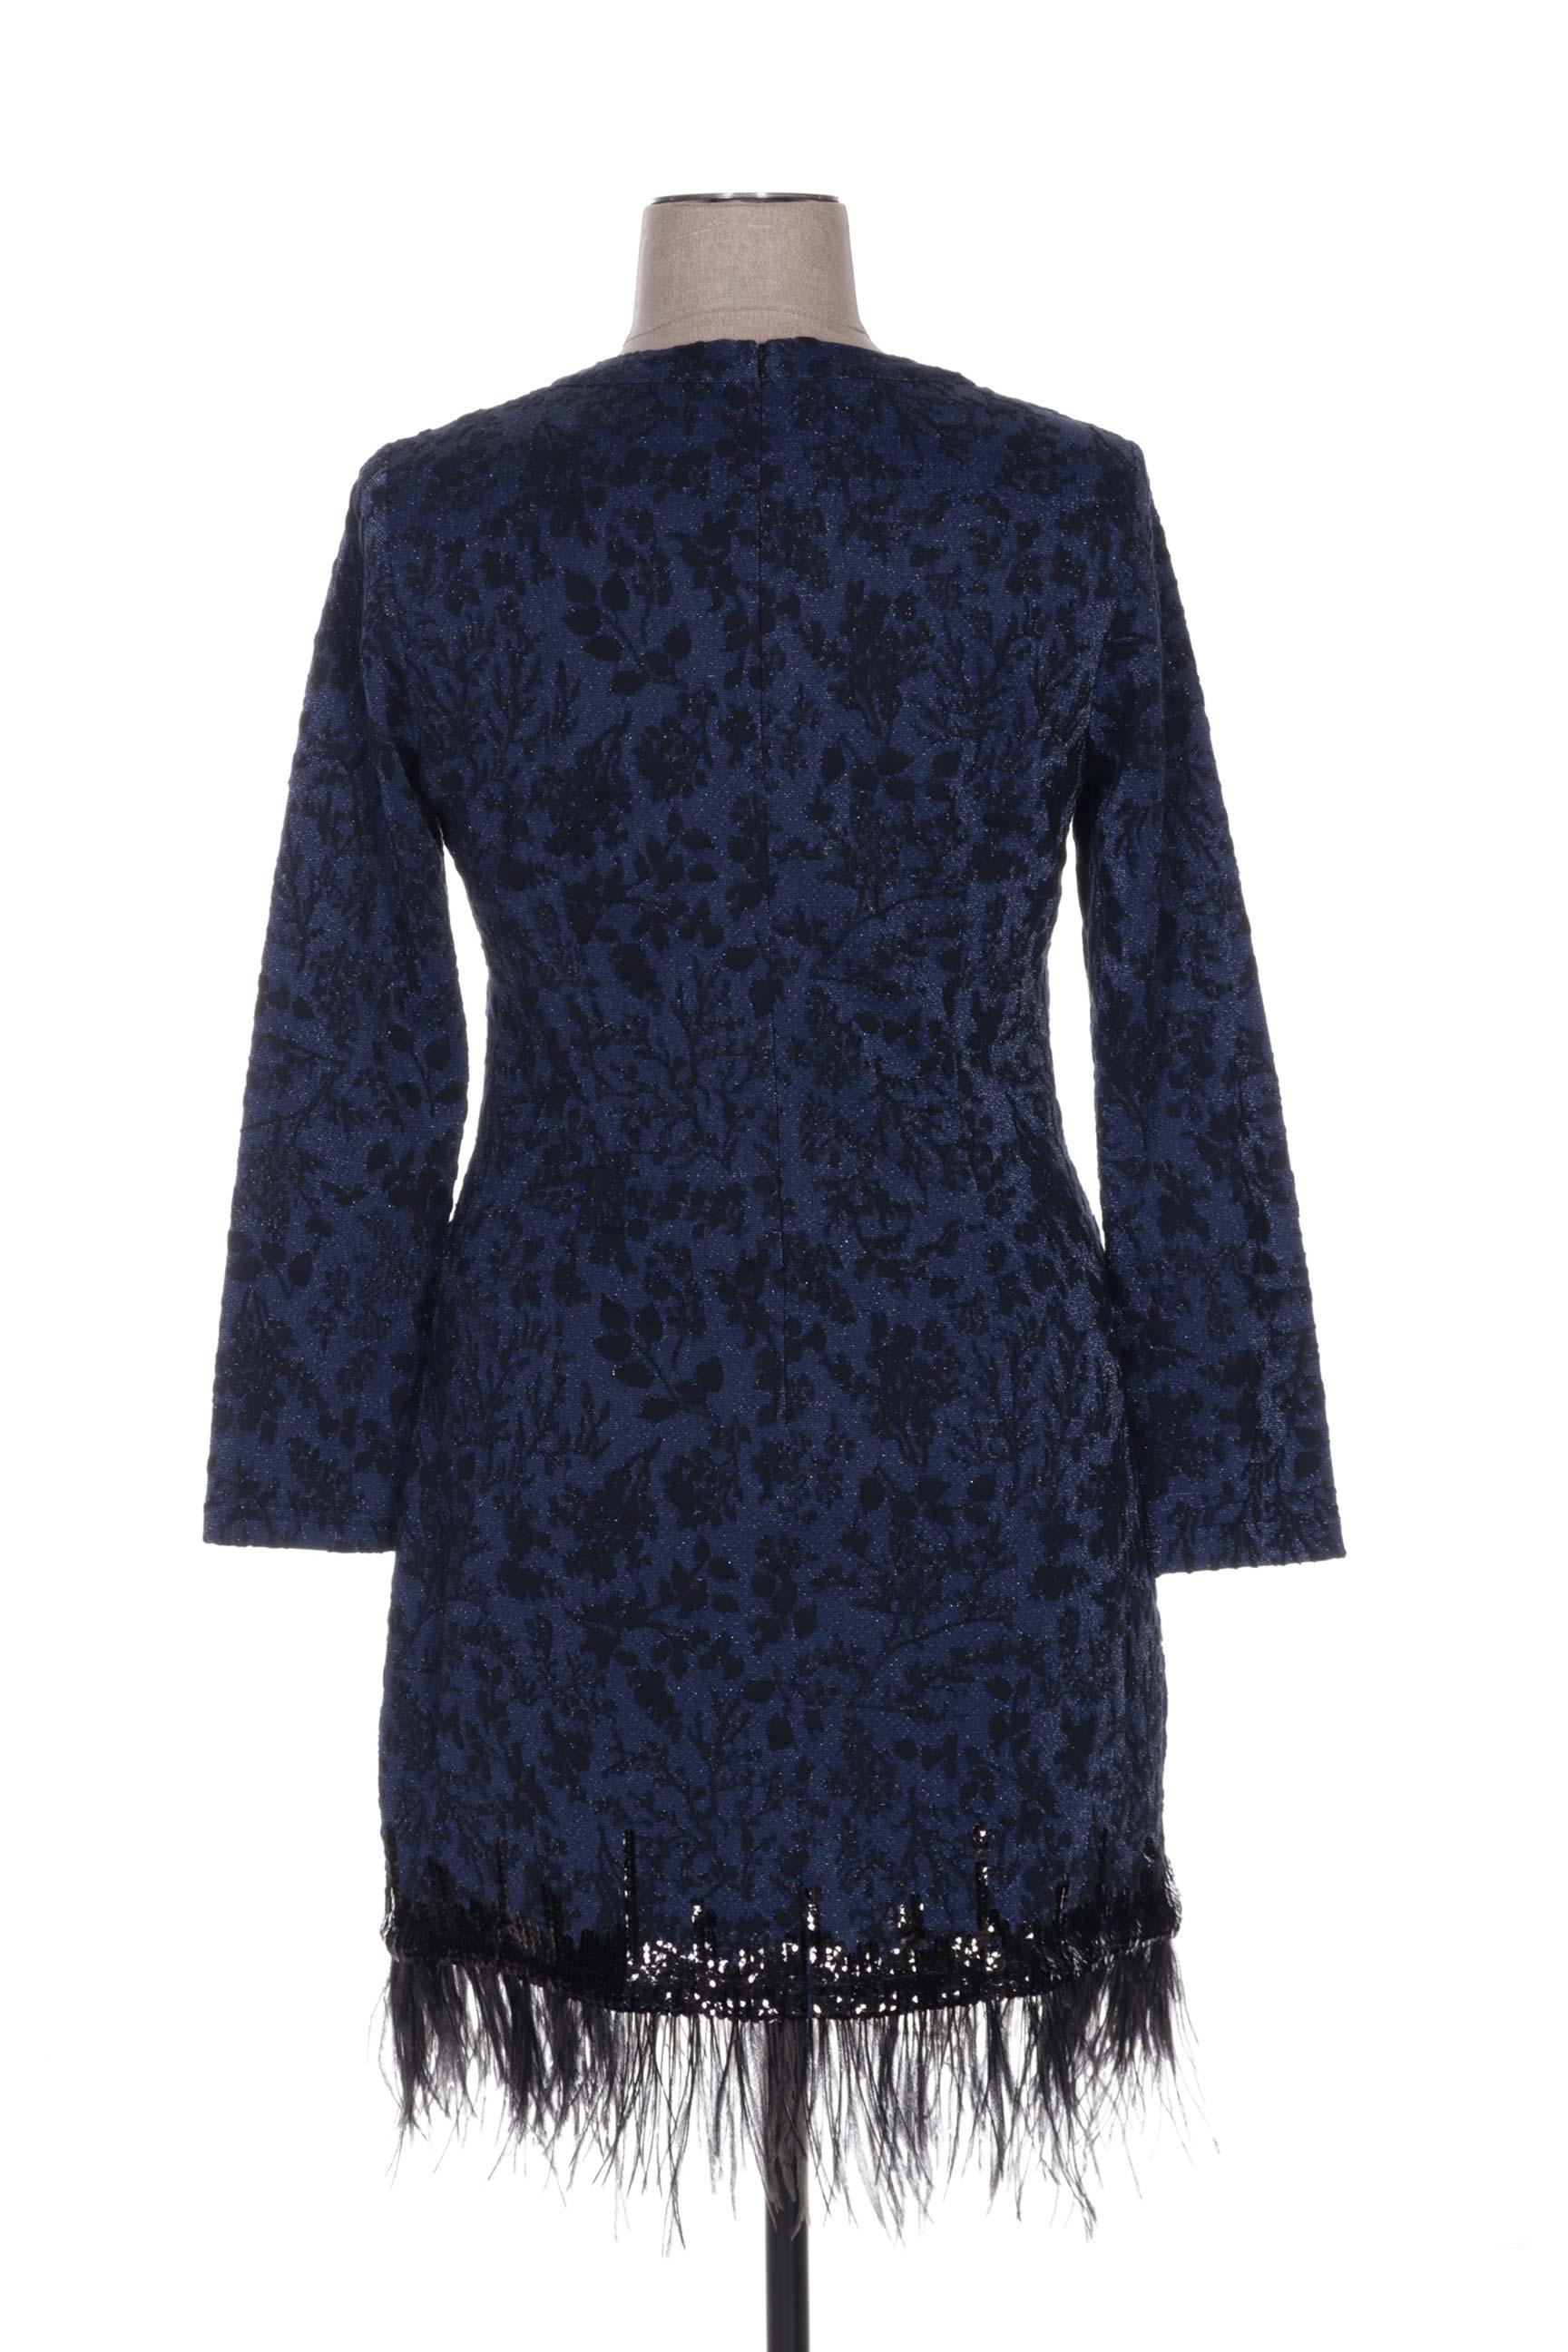 Leslie Robes Mi Longues Femme De Couleur Bleu En Soldes Pas Cher 1176928-bleu00